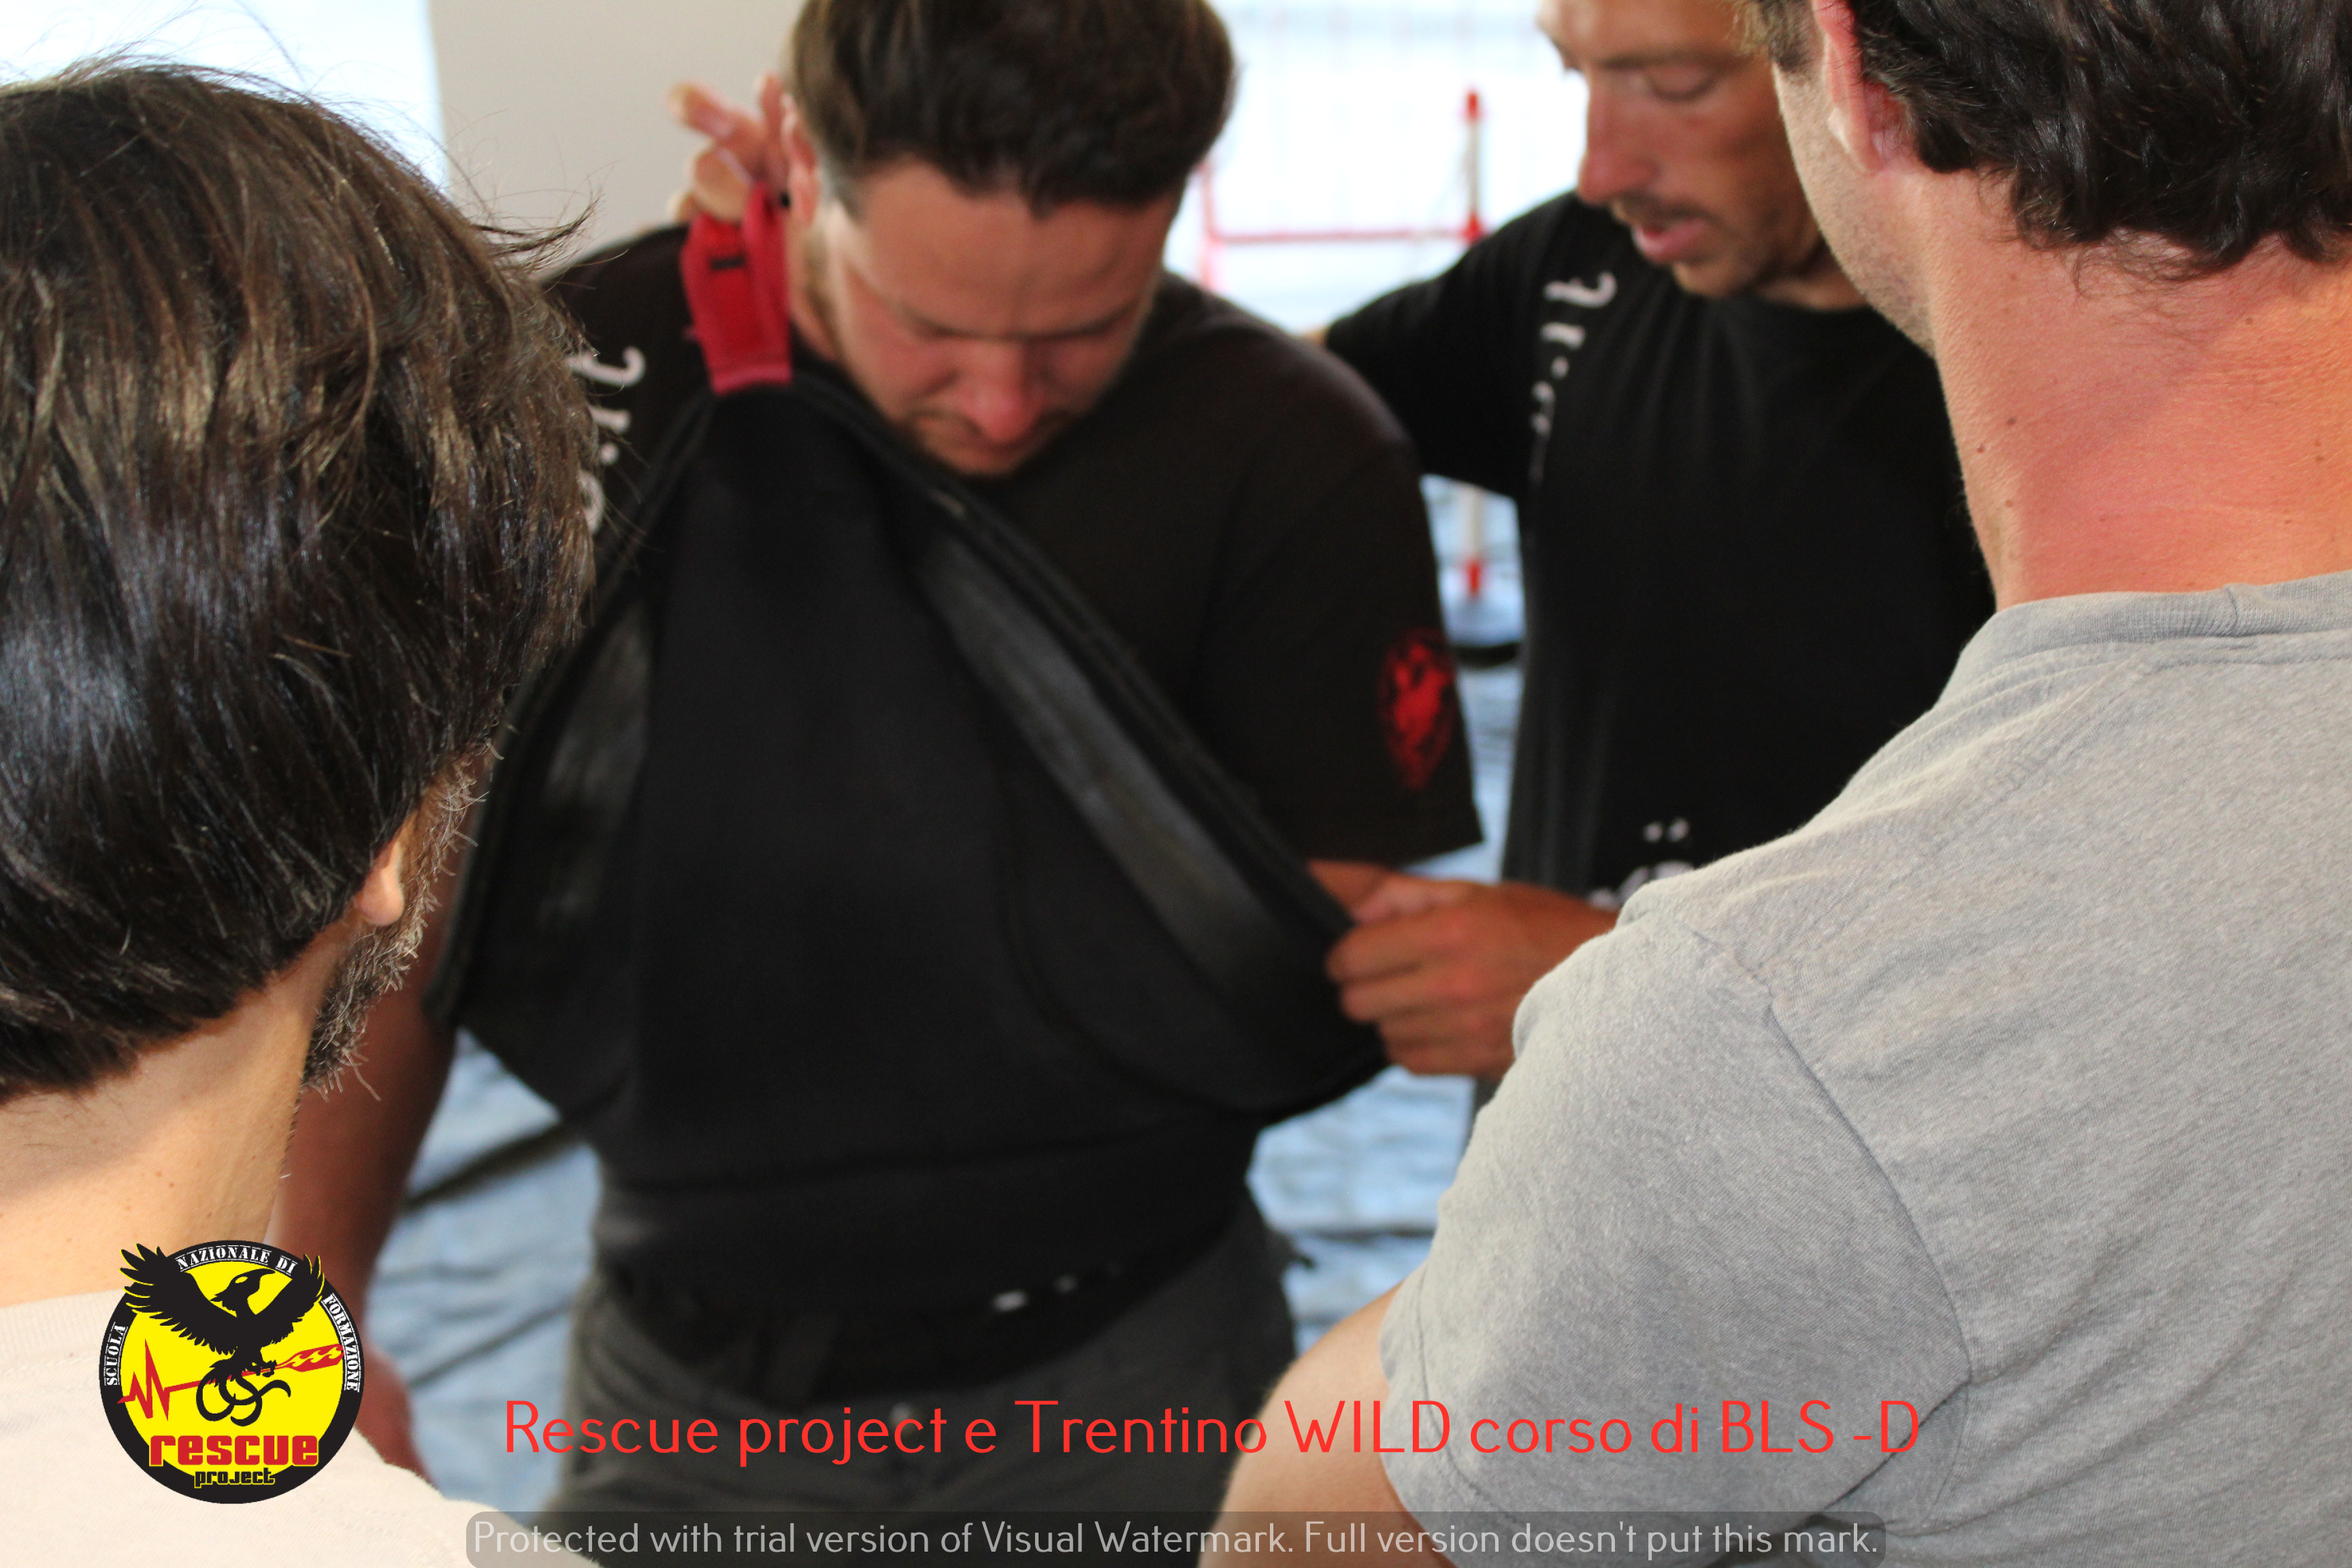 Rafting con Trentino WILD in Val di Sole17